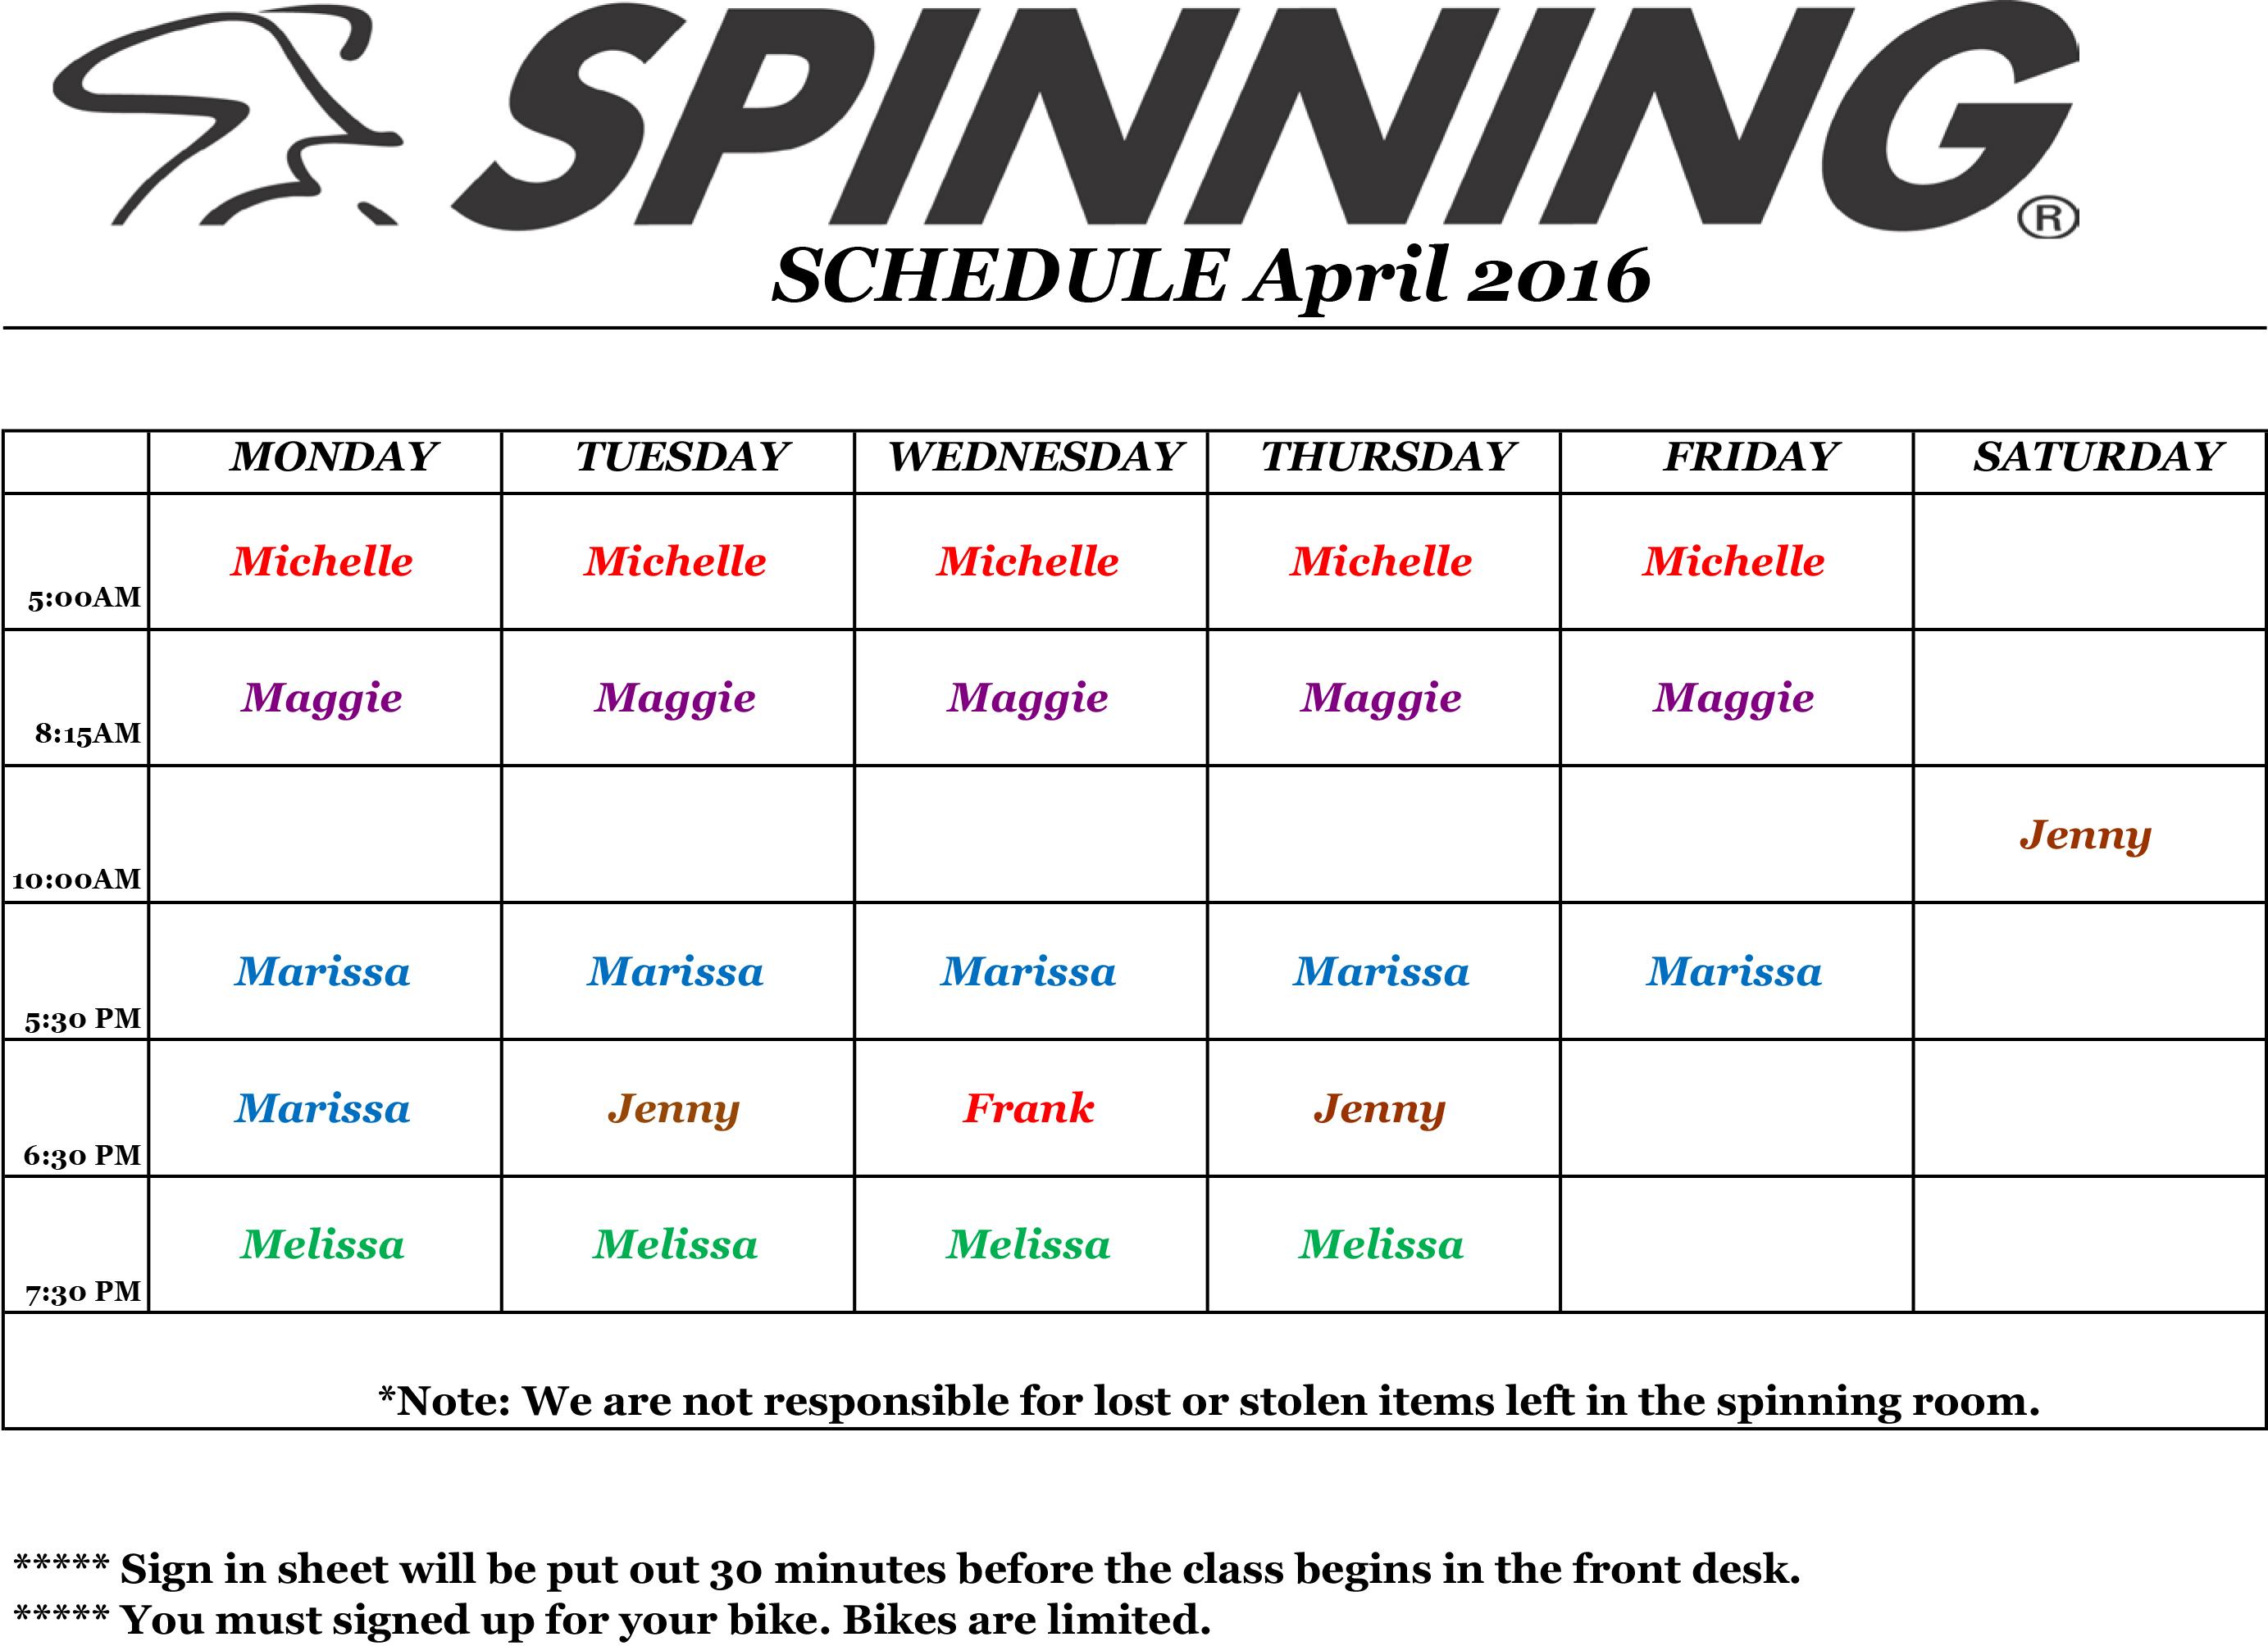 Spinning ScheduleApril2016